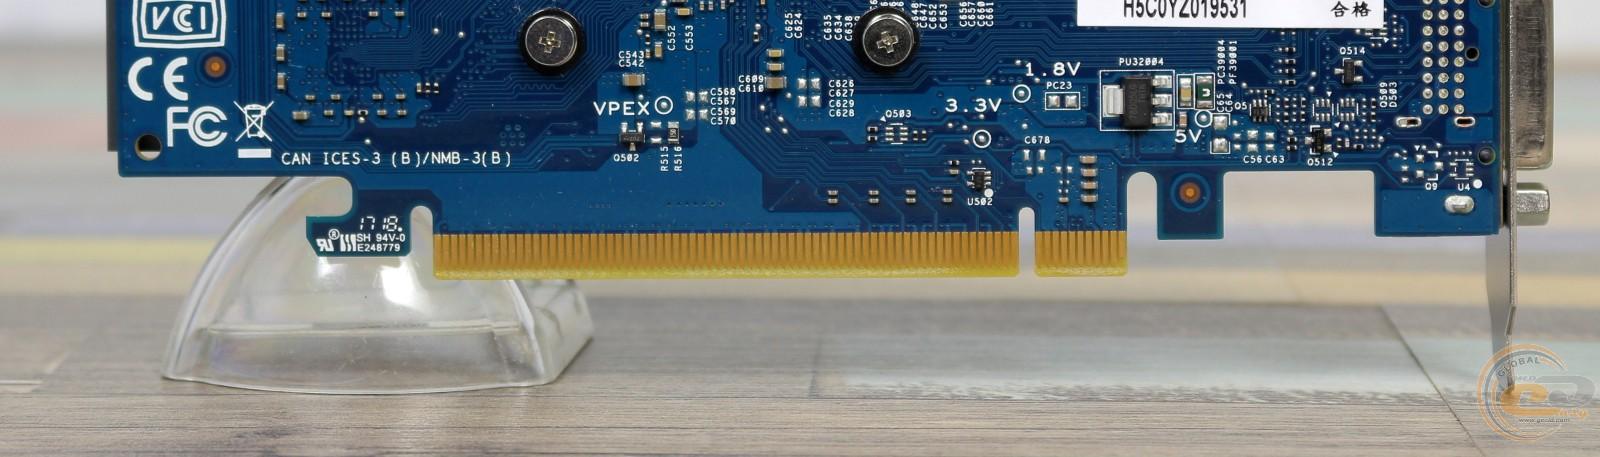 Обзор и тестирование видеокарты ASUS GeForce GT 1030 2GB GDDR5